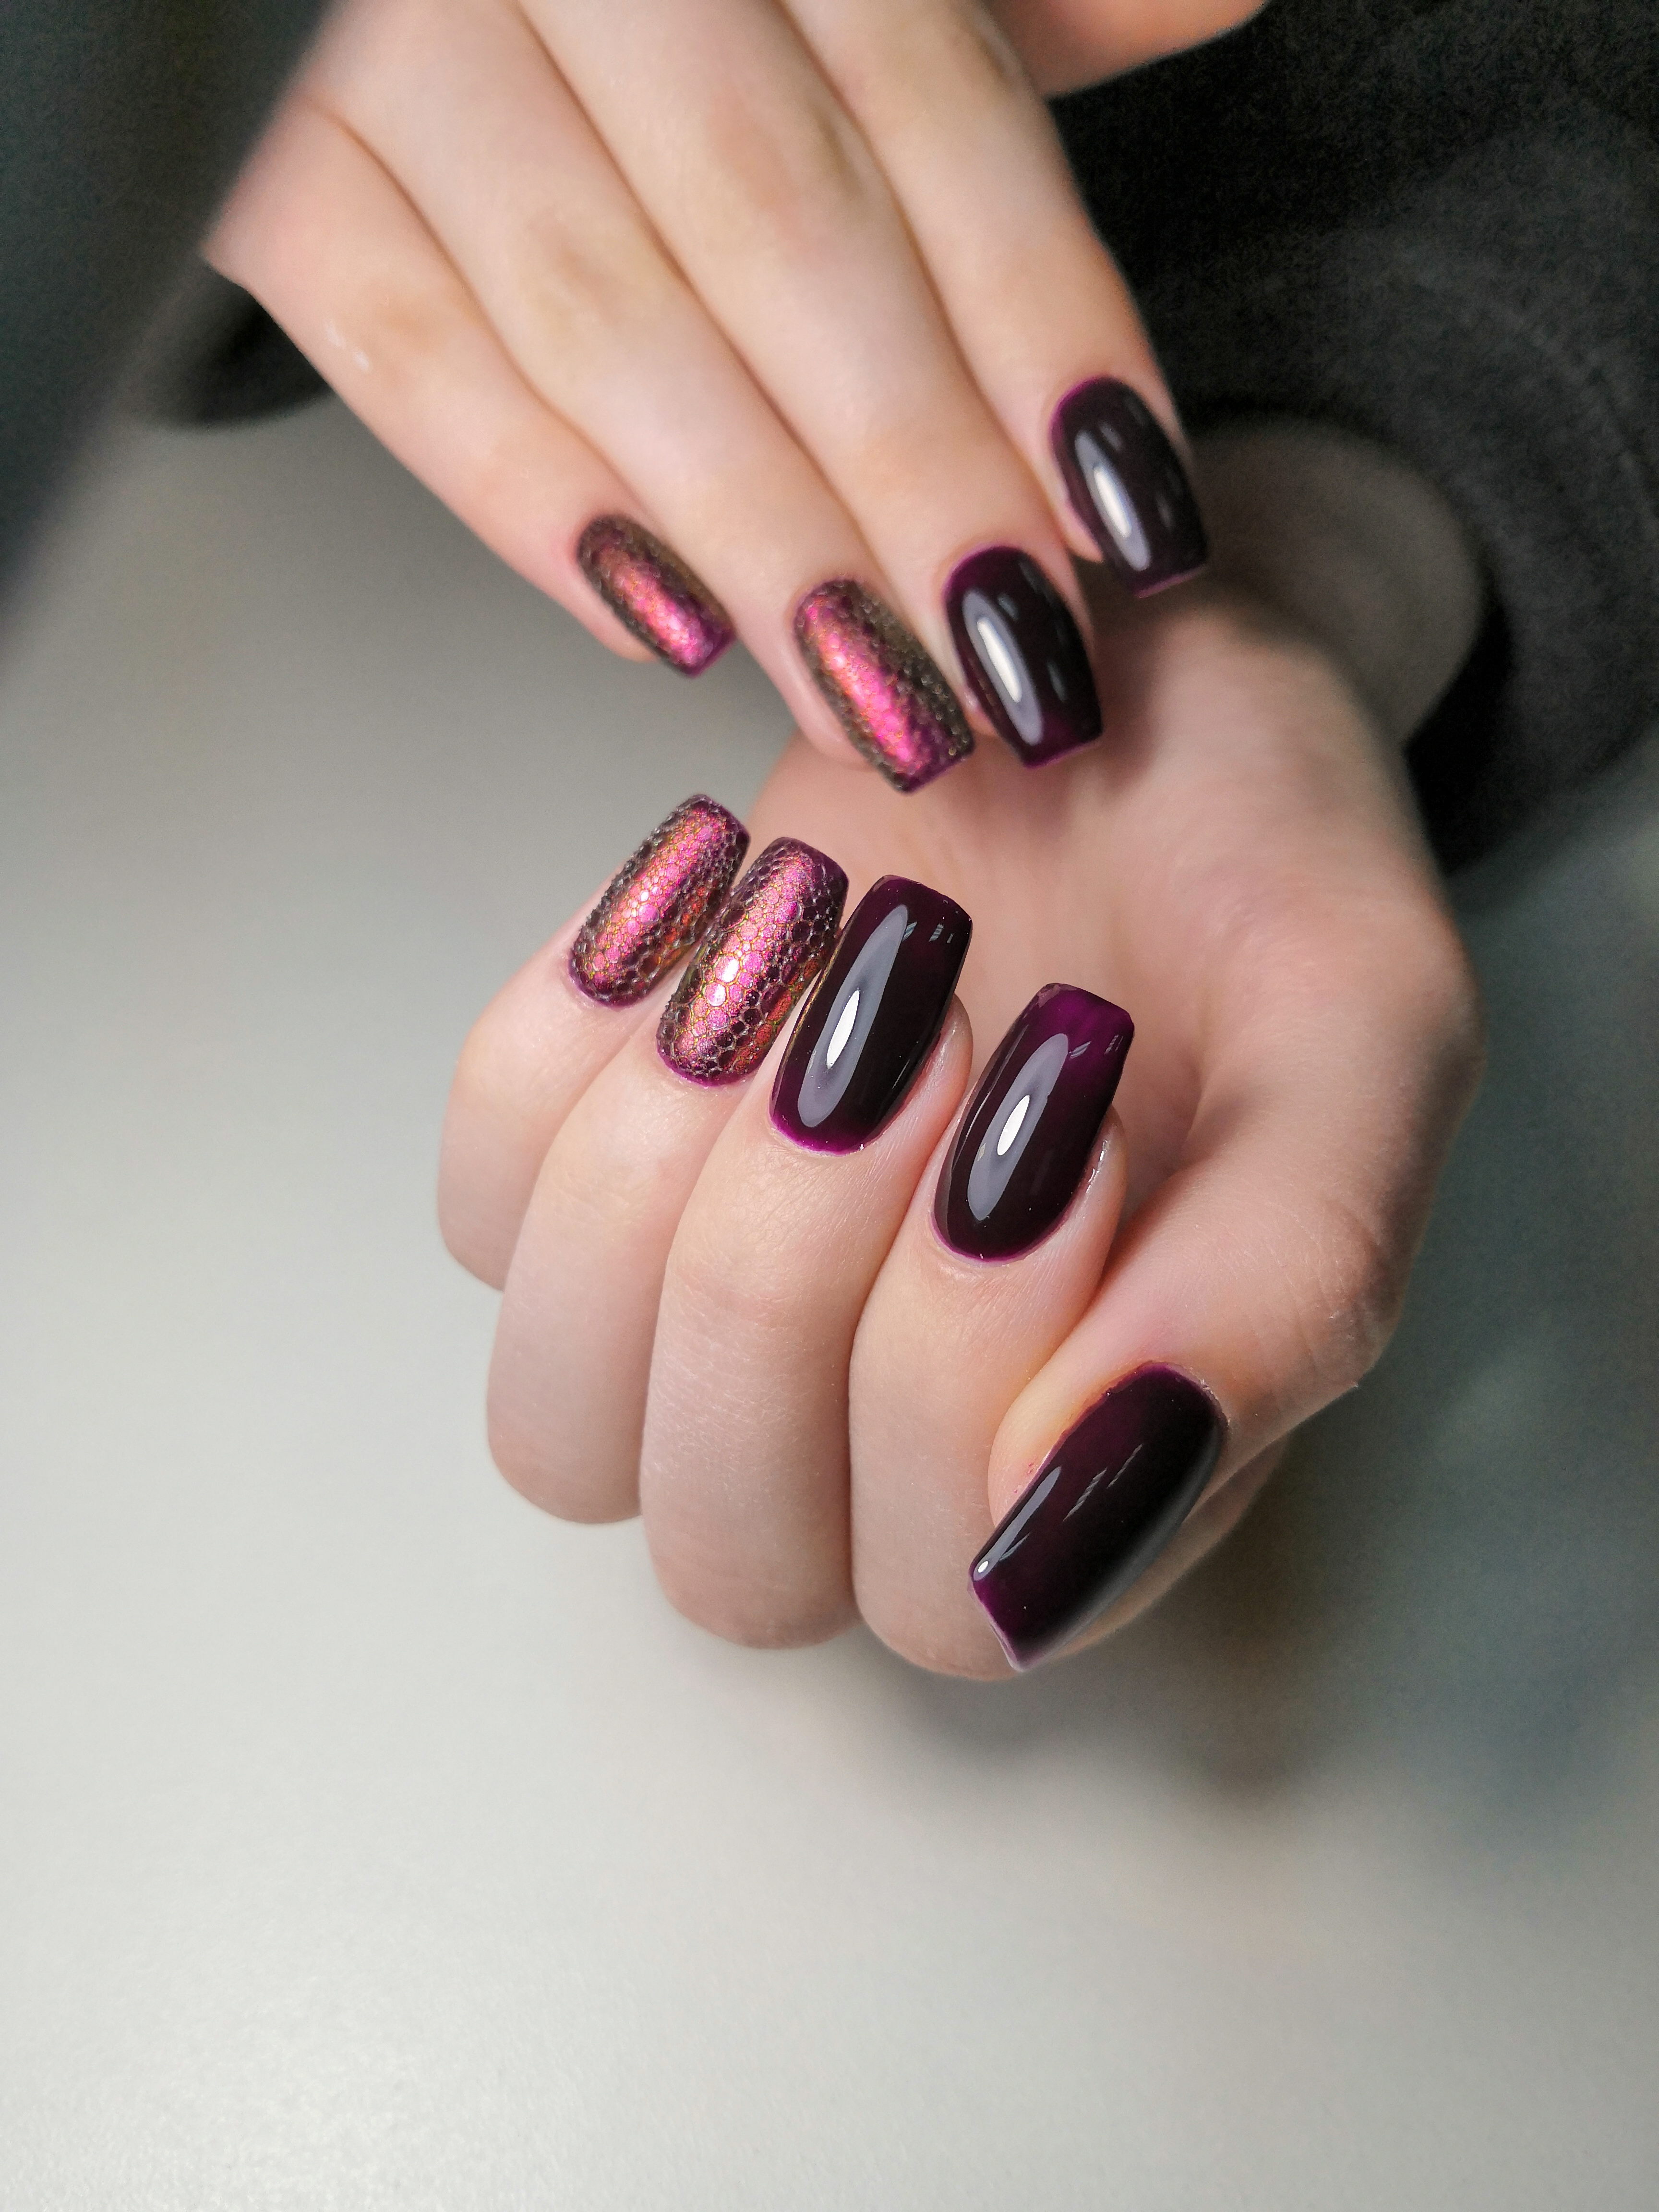 Маникюр в тёмном баклажановом цвете с bubble-эффектом.